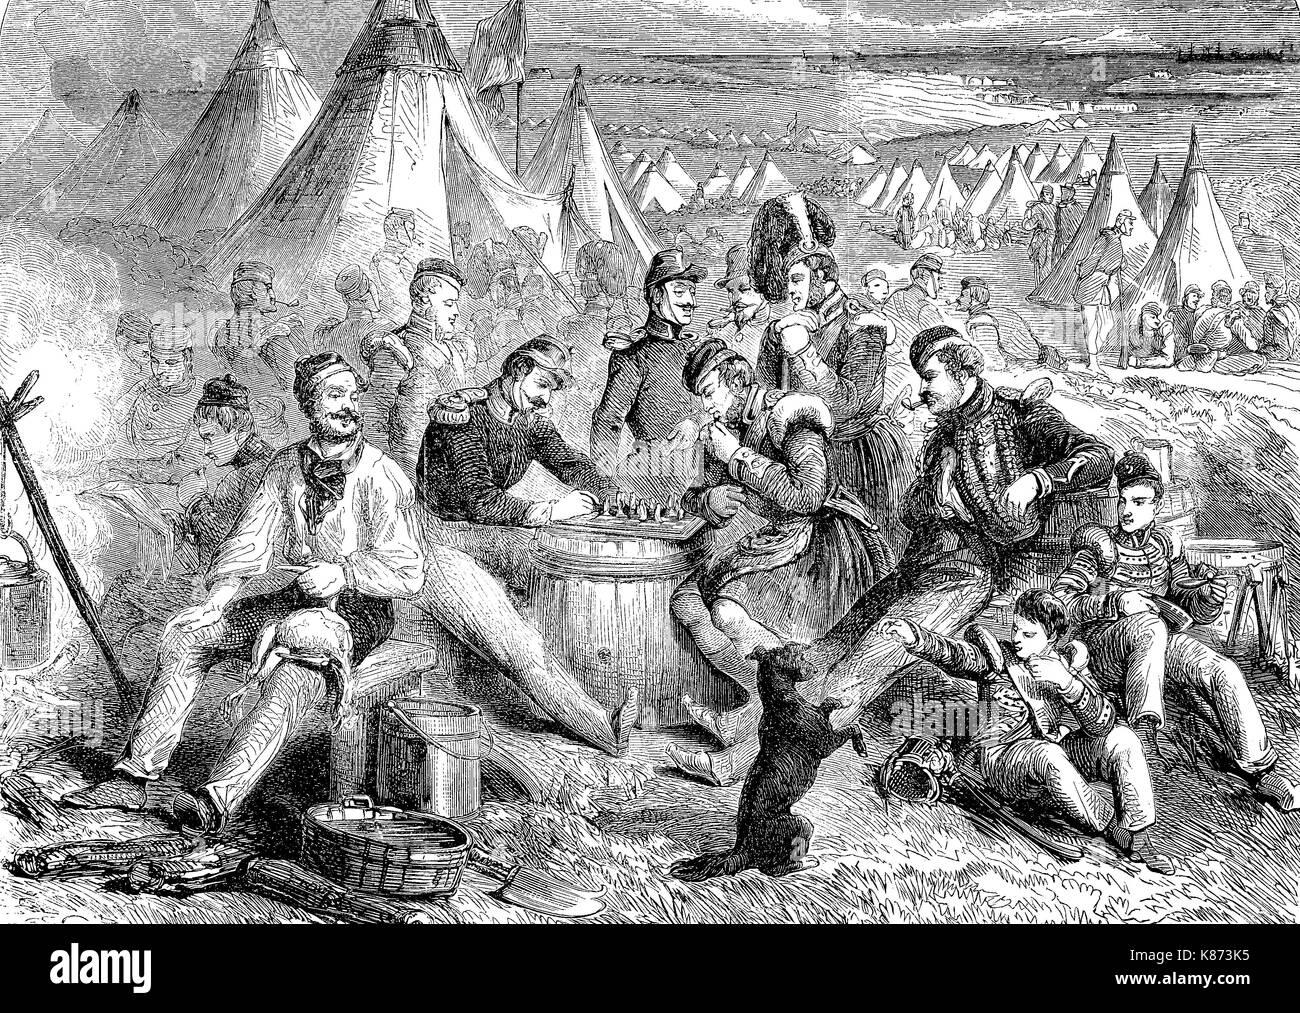 Guerre de Crimée 1853 - 1856, passe-temps et du divertissement dans le camp anglais à la Crimée, l'amélioration numérique woodprint reproduction d'un original du 19ème siècle Photo Stock